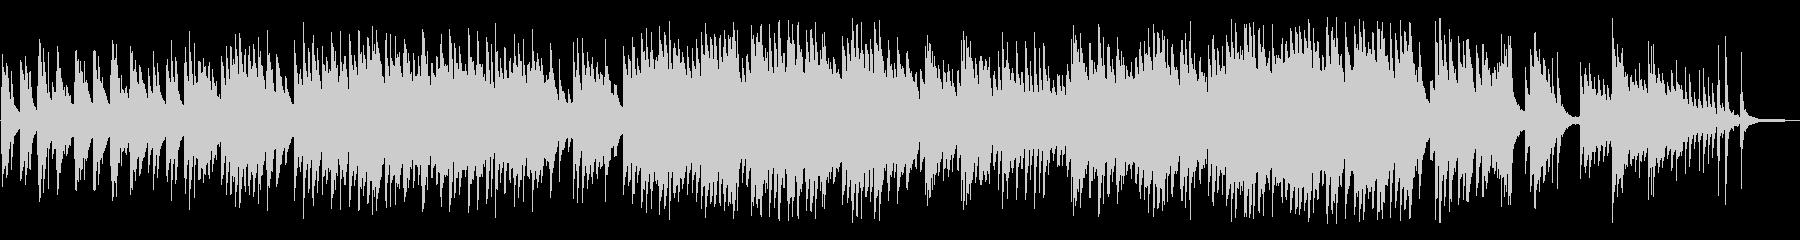 叙情的でノスタルジックなピアノBGMの未再生の波形